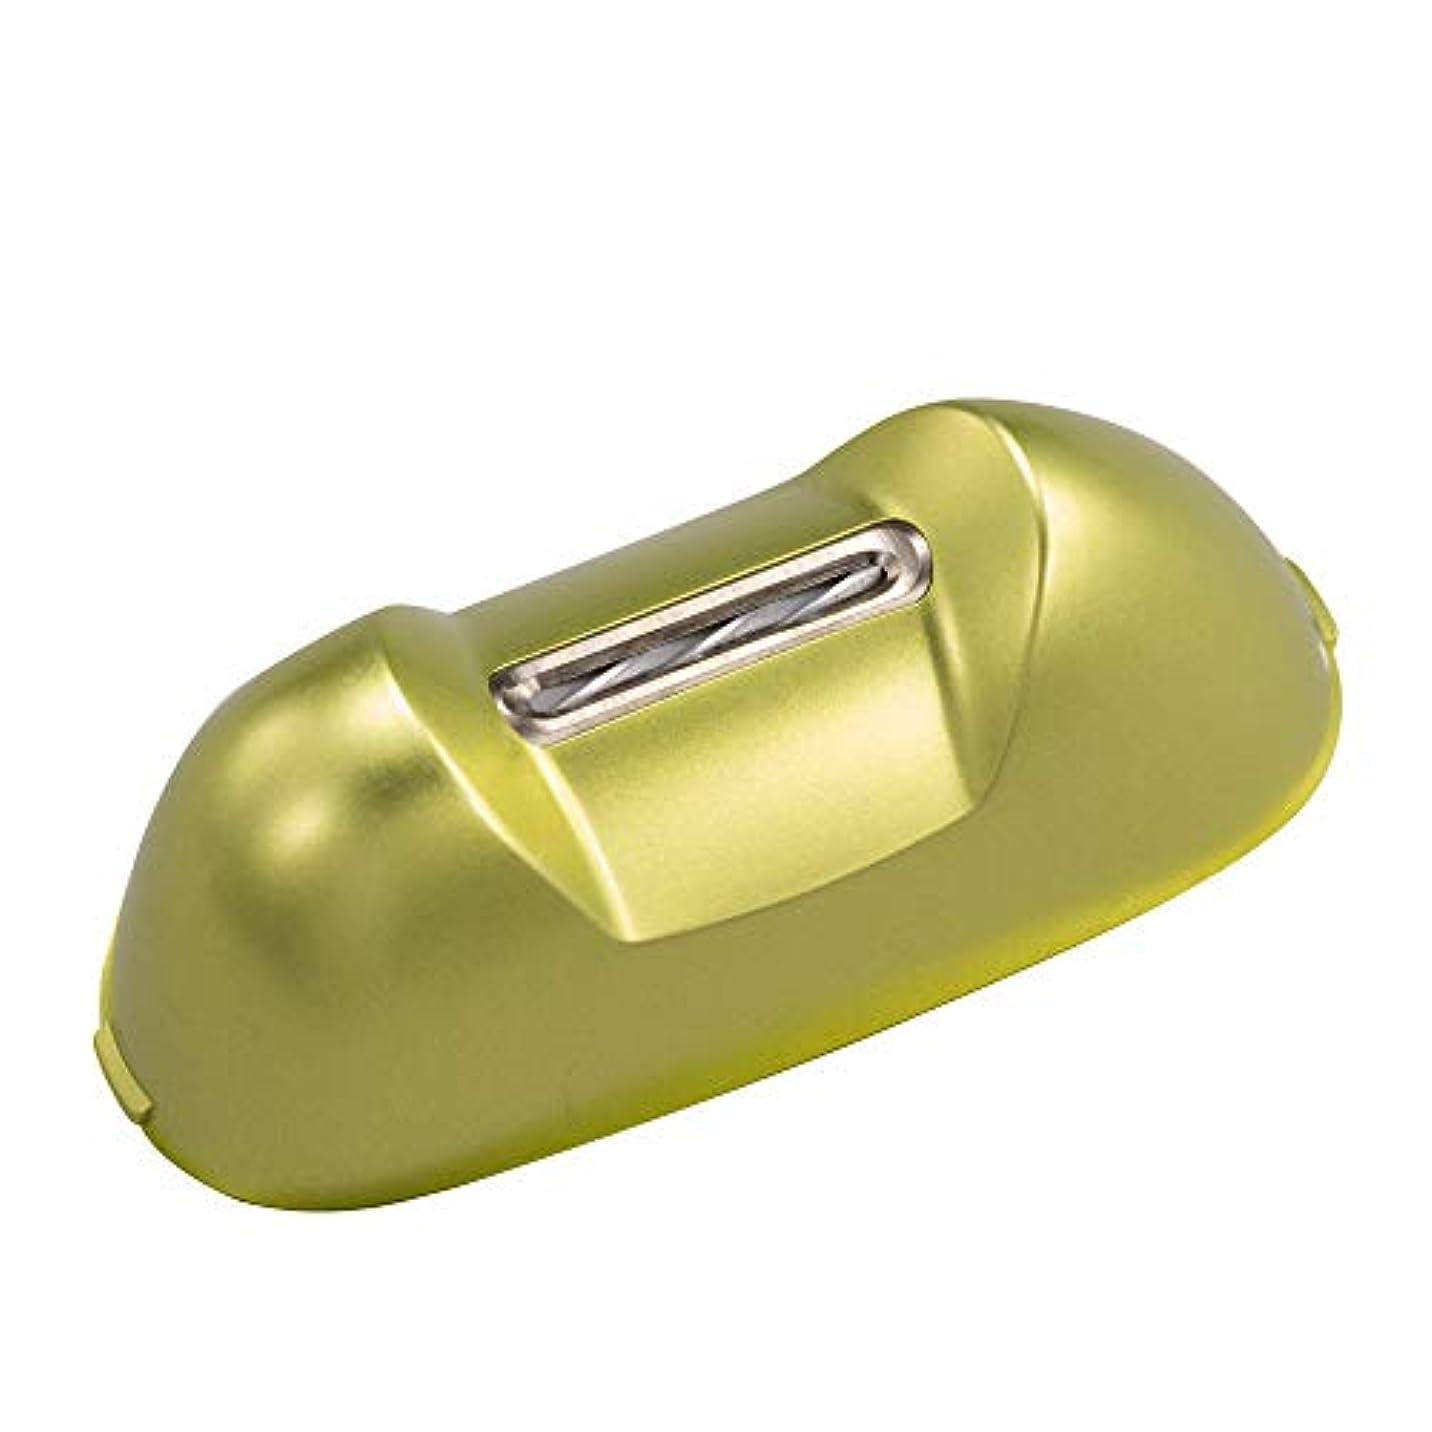 ピケスナップジェットマリン商事 電動爪削りLeaf 専用爪切りカッターヘッド 替刃 El-90165